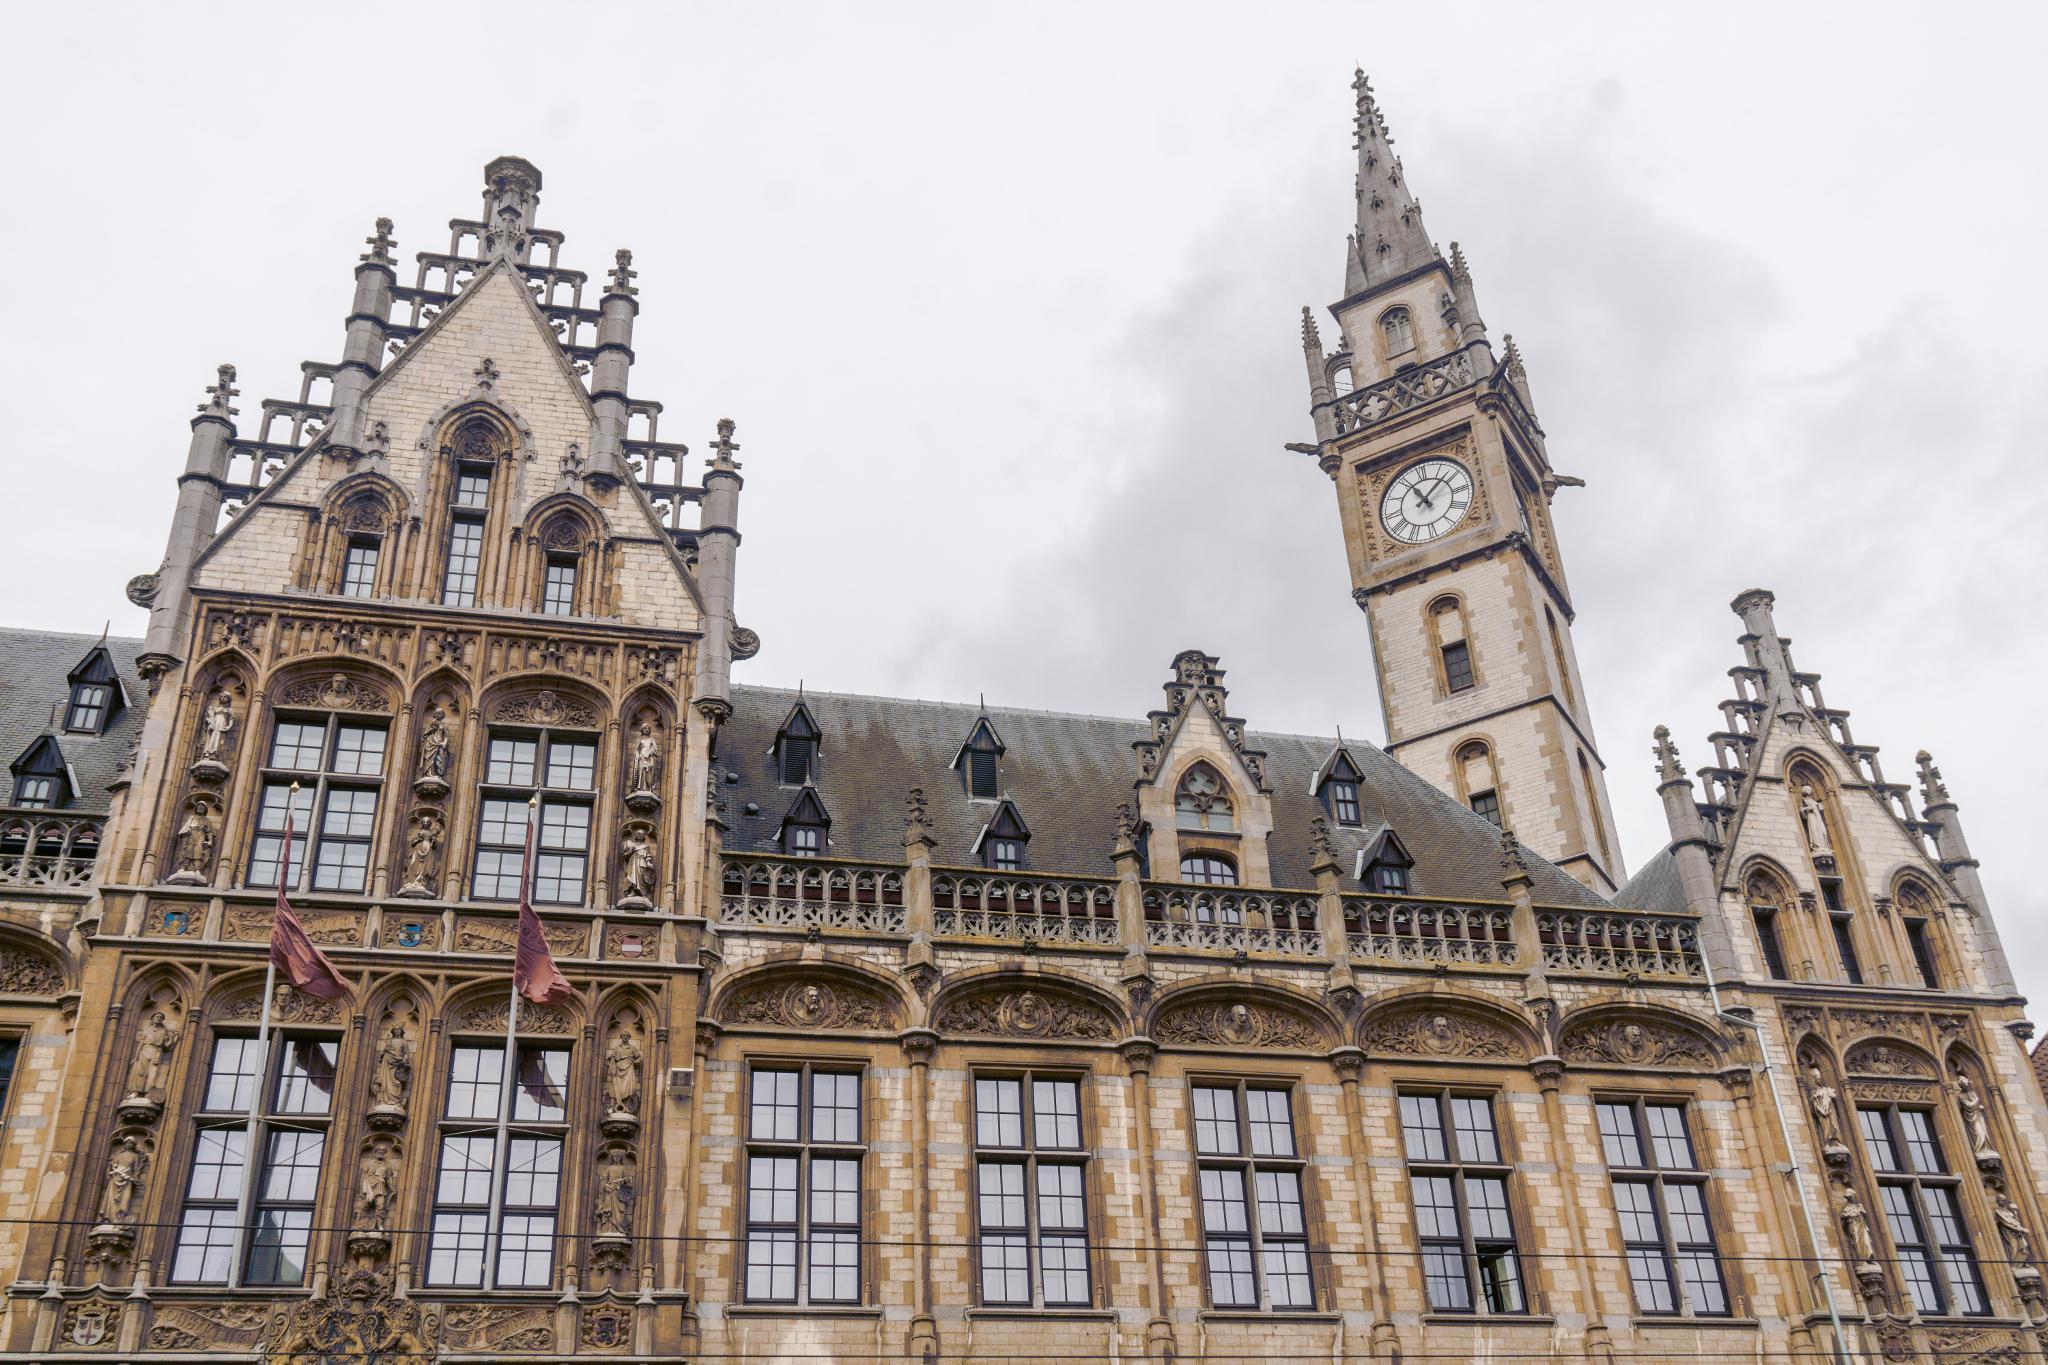 【比利時】穿梭中世紀的大城小事 — 比利時根特 (Ghent) 散步景點總整理 104